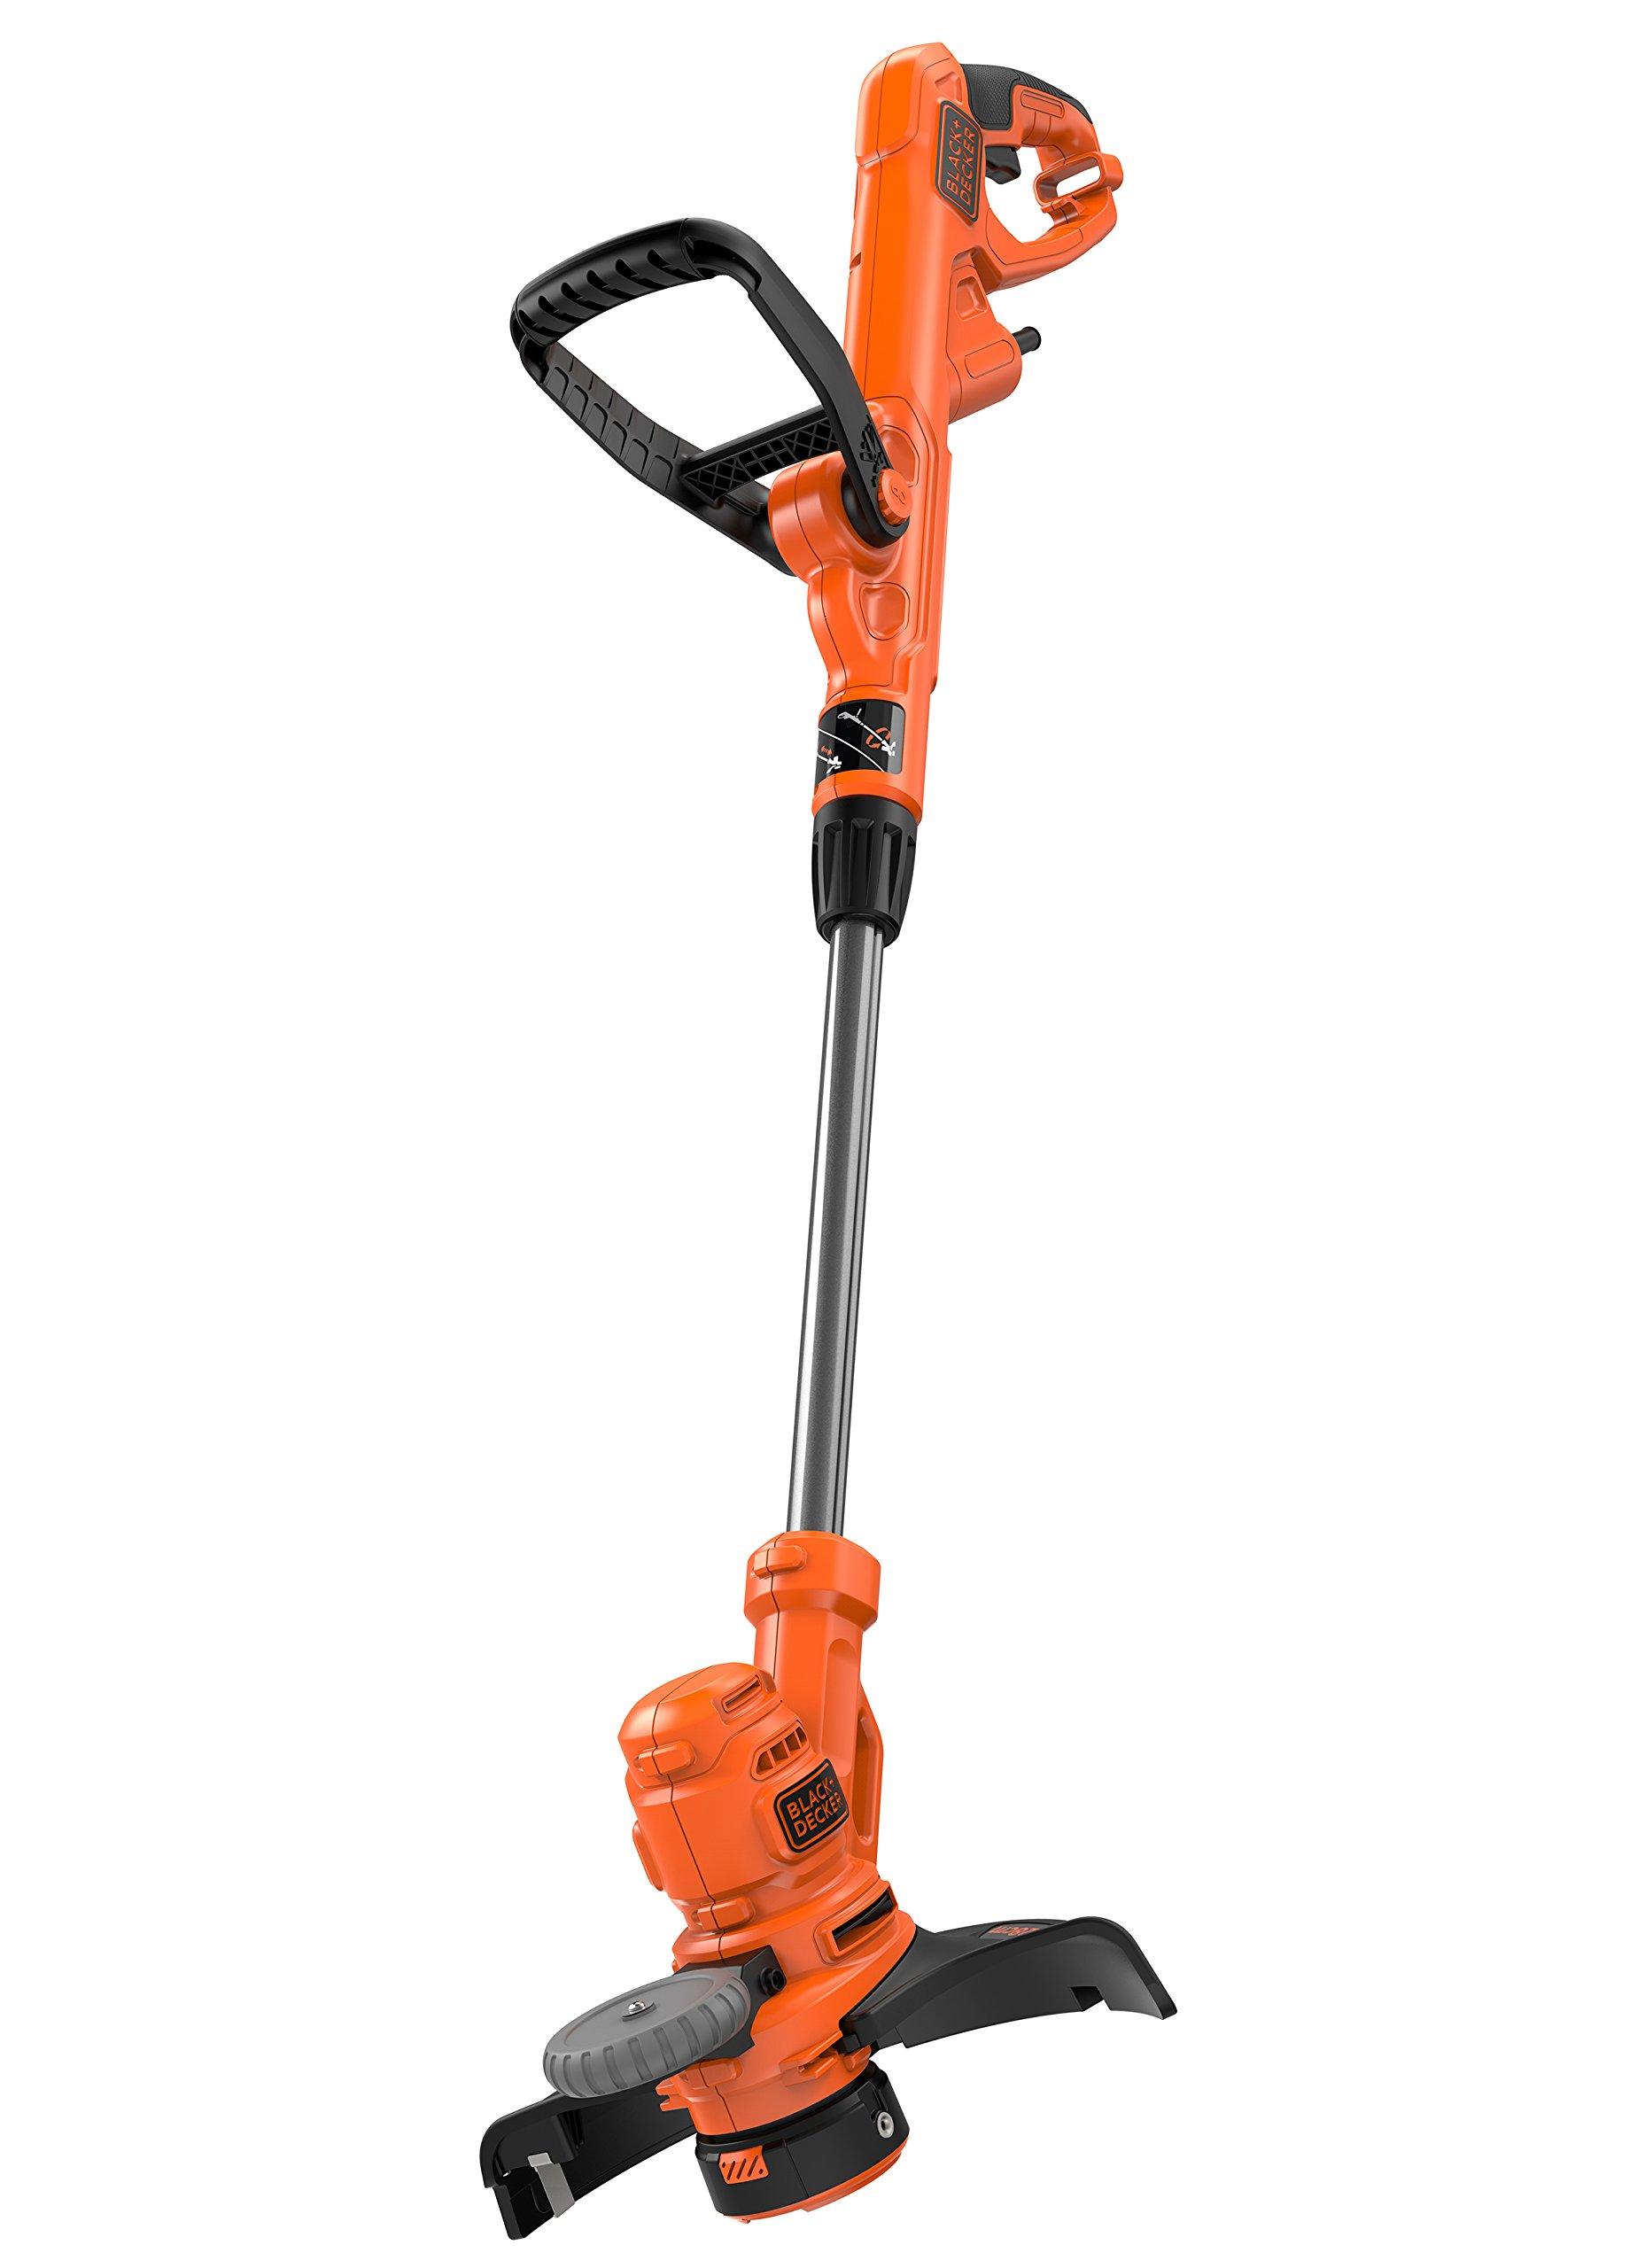 Black-Decker-Elektro-Rasentrimmer-kantenschneider-550W-30-cm-Schnittbreite-E-Drive-AFS-automatische-Fadenverlngerung-werkzeuglos-umstellen-von-Trimmen-auf-Kantenschneiden